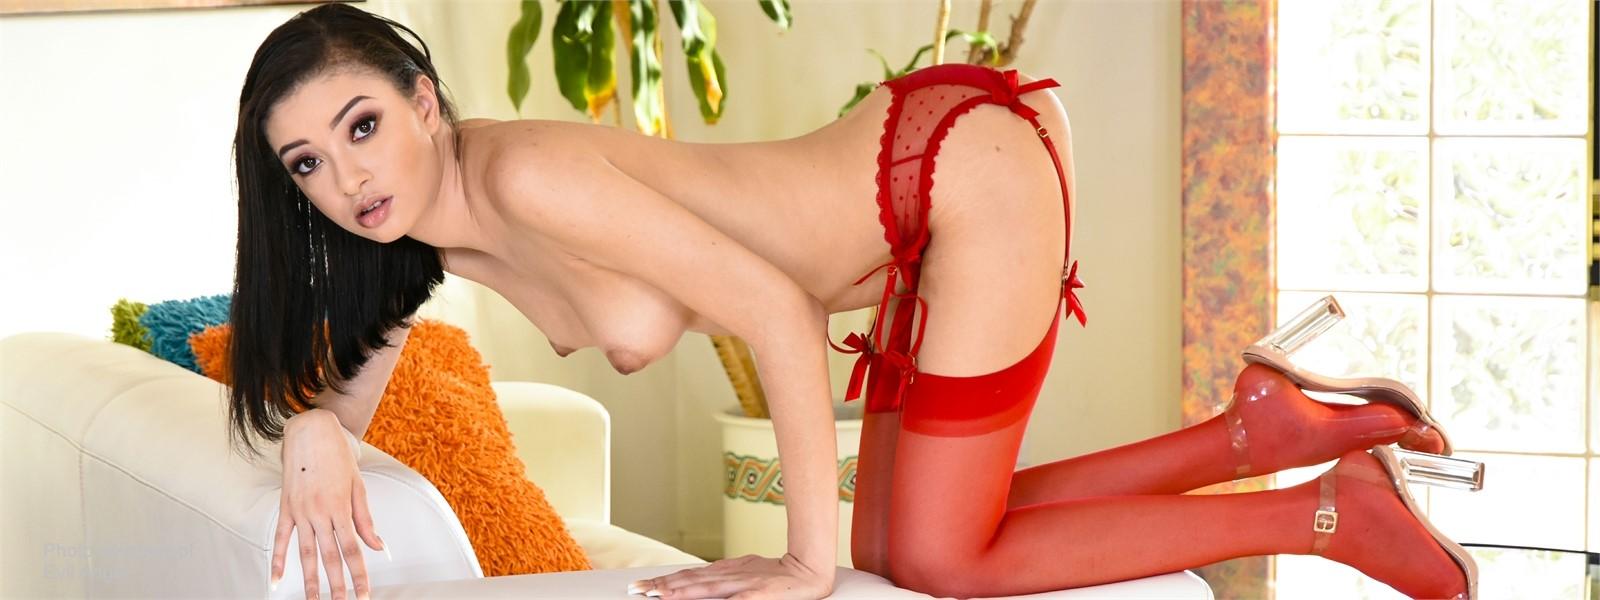 Scarlett pornstar